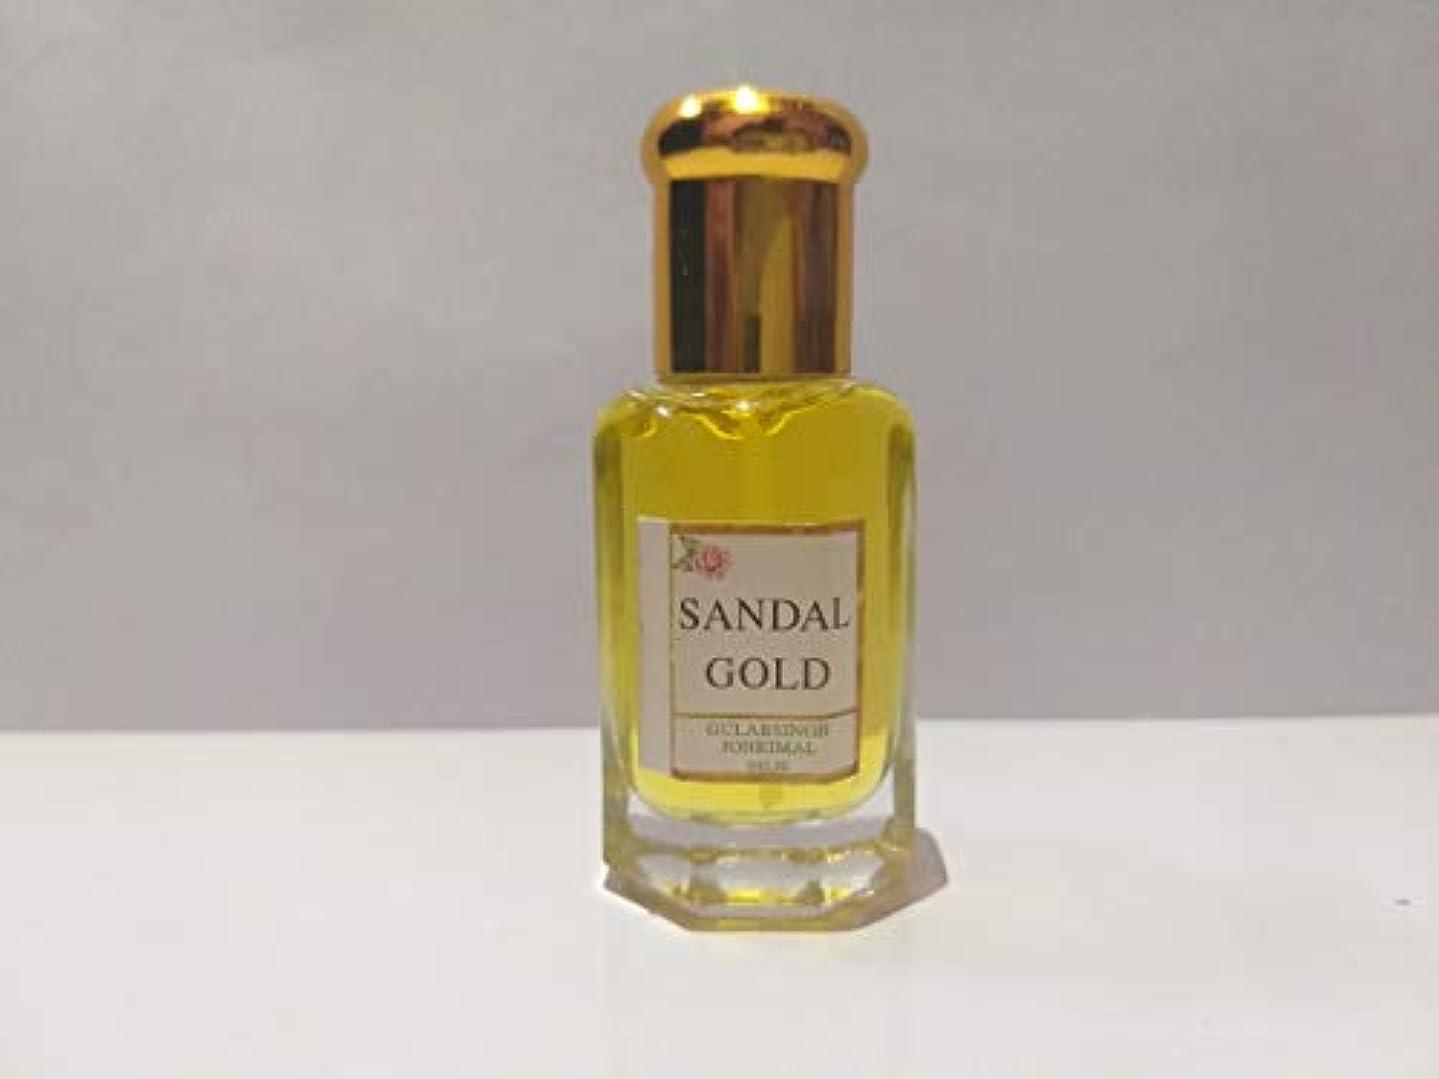 国歌初心者シェルターSandal/白檀 / Chandan Attar/Ittar concentrated Perfume Oil - 10ml Beautiful Aroma